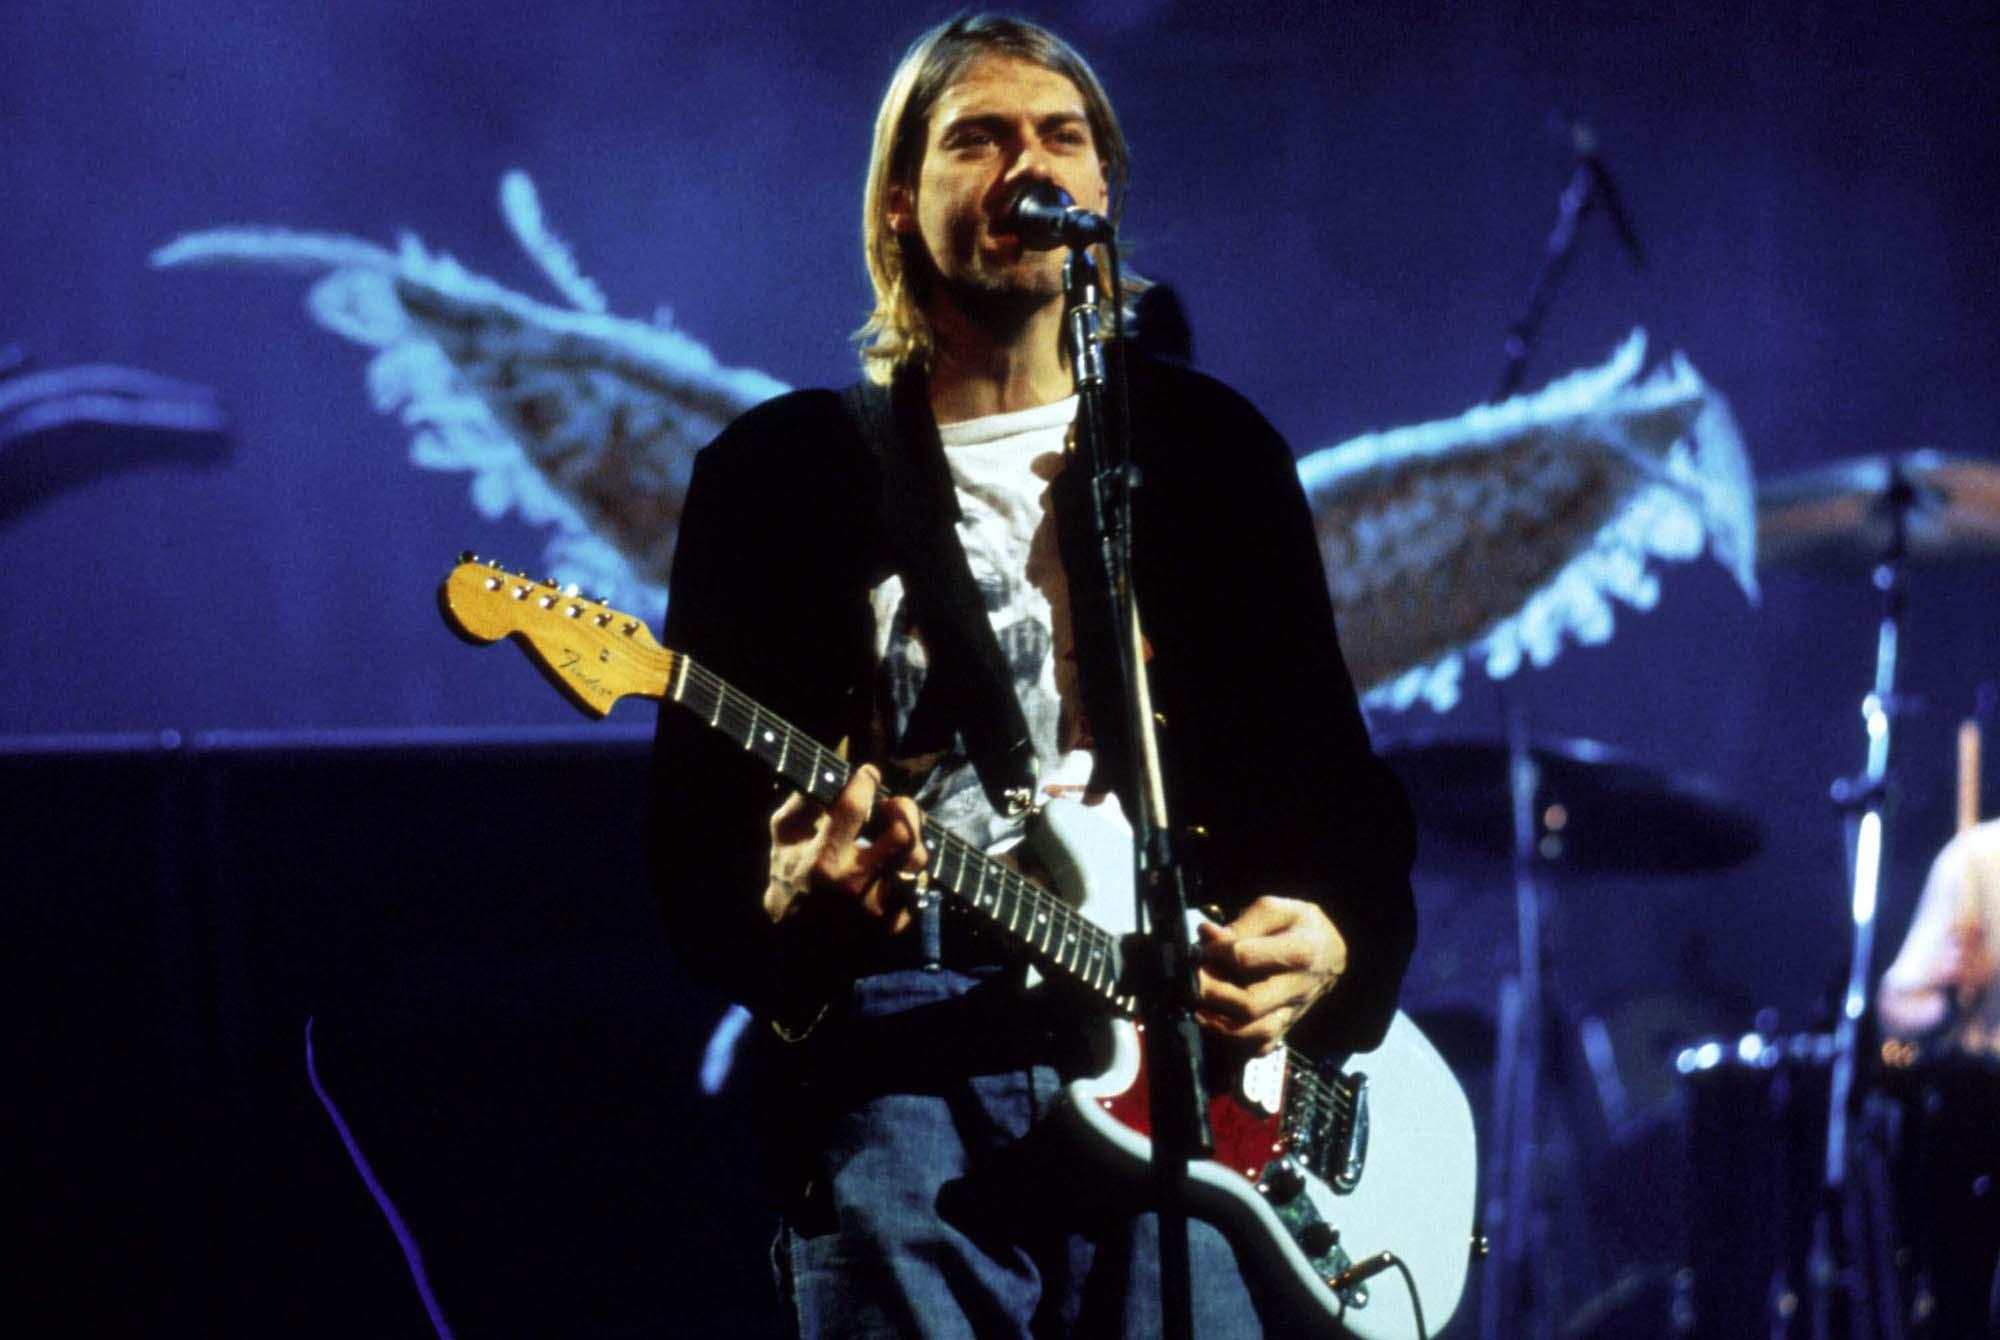 کرت کوبین در حال اجرای زنده با گروه نیروانا در سال 1993 میلادی